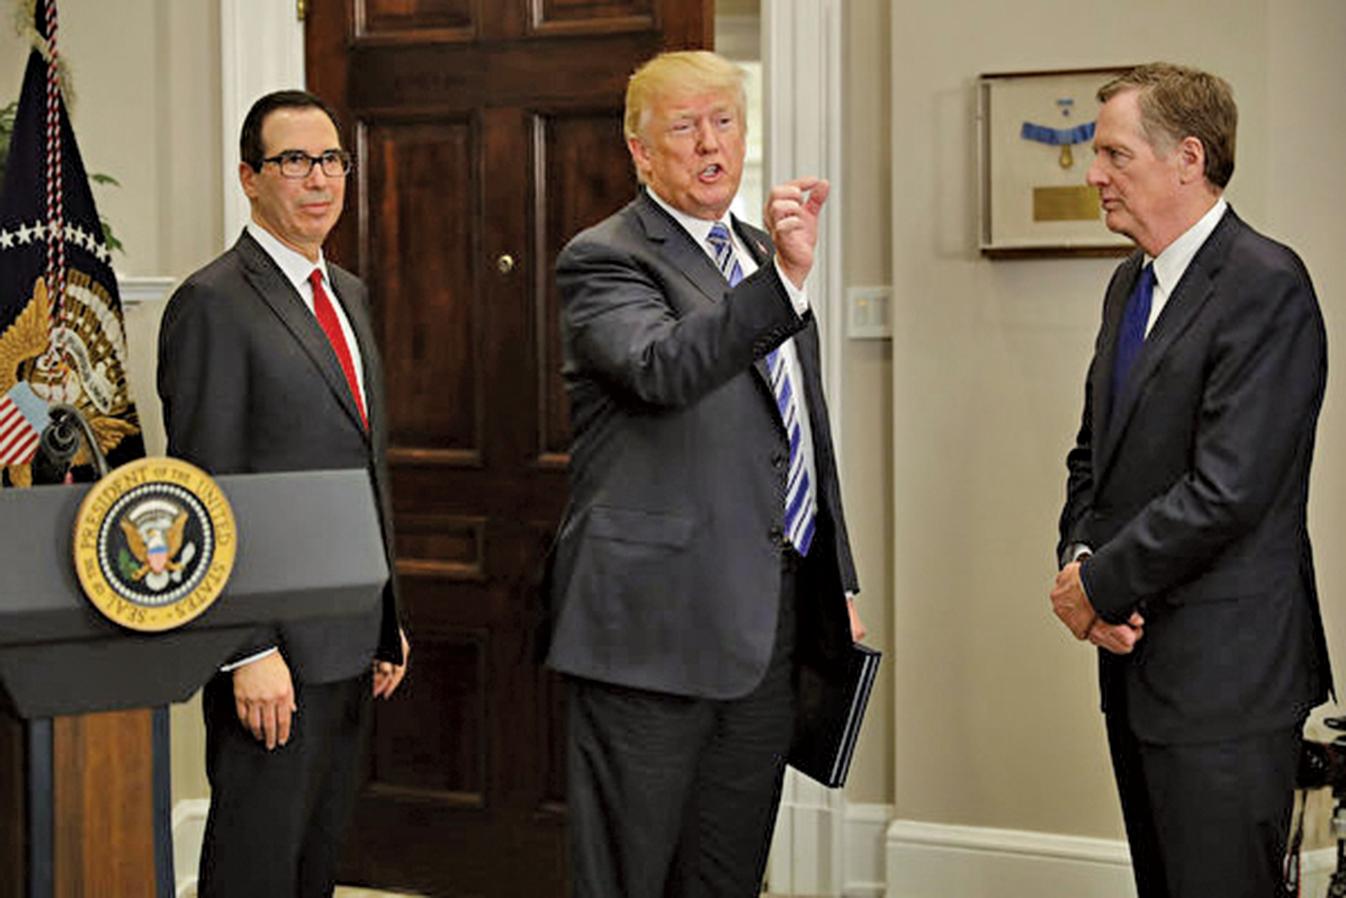 美國政府6月3日罕見發表聲明,回應中共白皮書。圖為美國總統特朗普和財政部長梅努欽(左)及貿易代表萊特希澤(右)。(Getty Images)